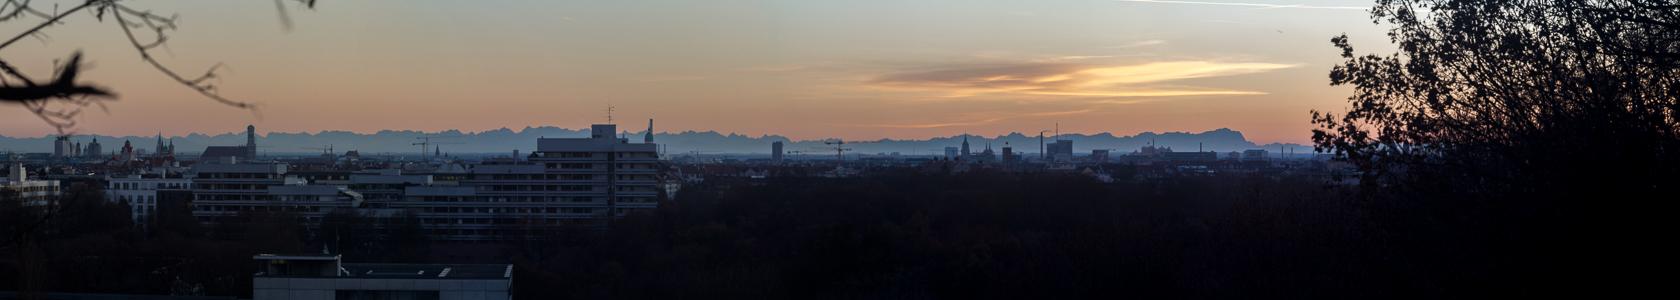 München Blick von der Luitpoldhöhe (Luitpoldpark): Schwabing, Stadtzentrum, Maxvorstadt, Alpen BR-Funkhaus Frauenkirche Neues Rathaus St. Benno St.-Pauls-Kirche Theatinerkirche